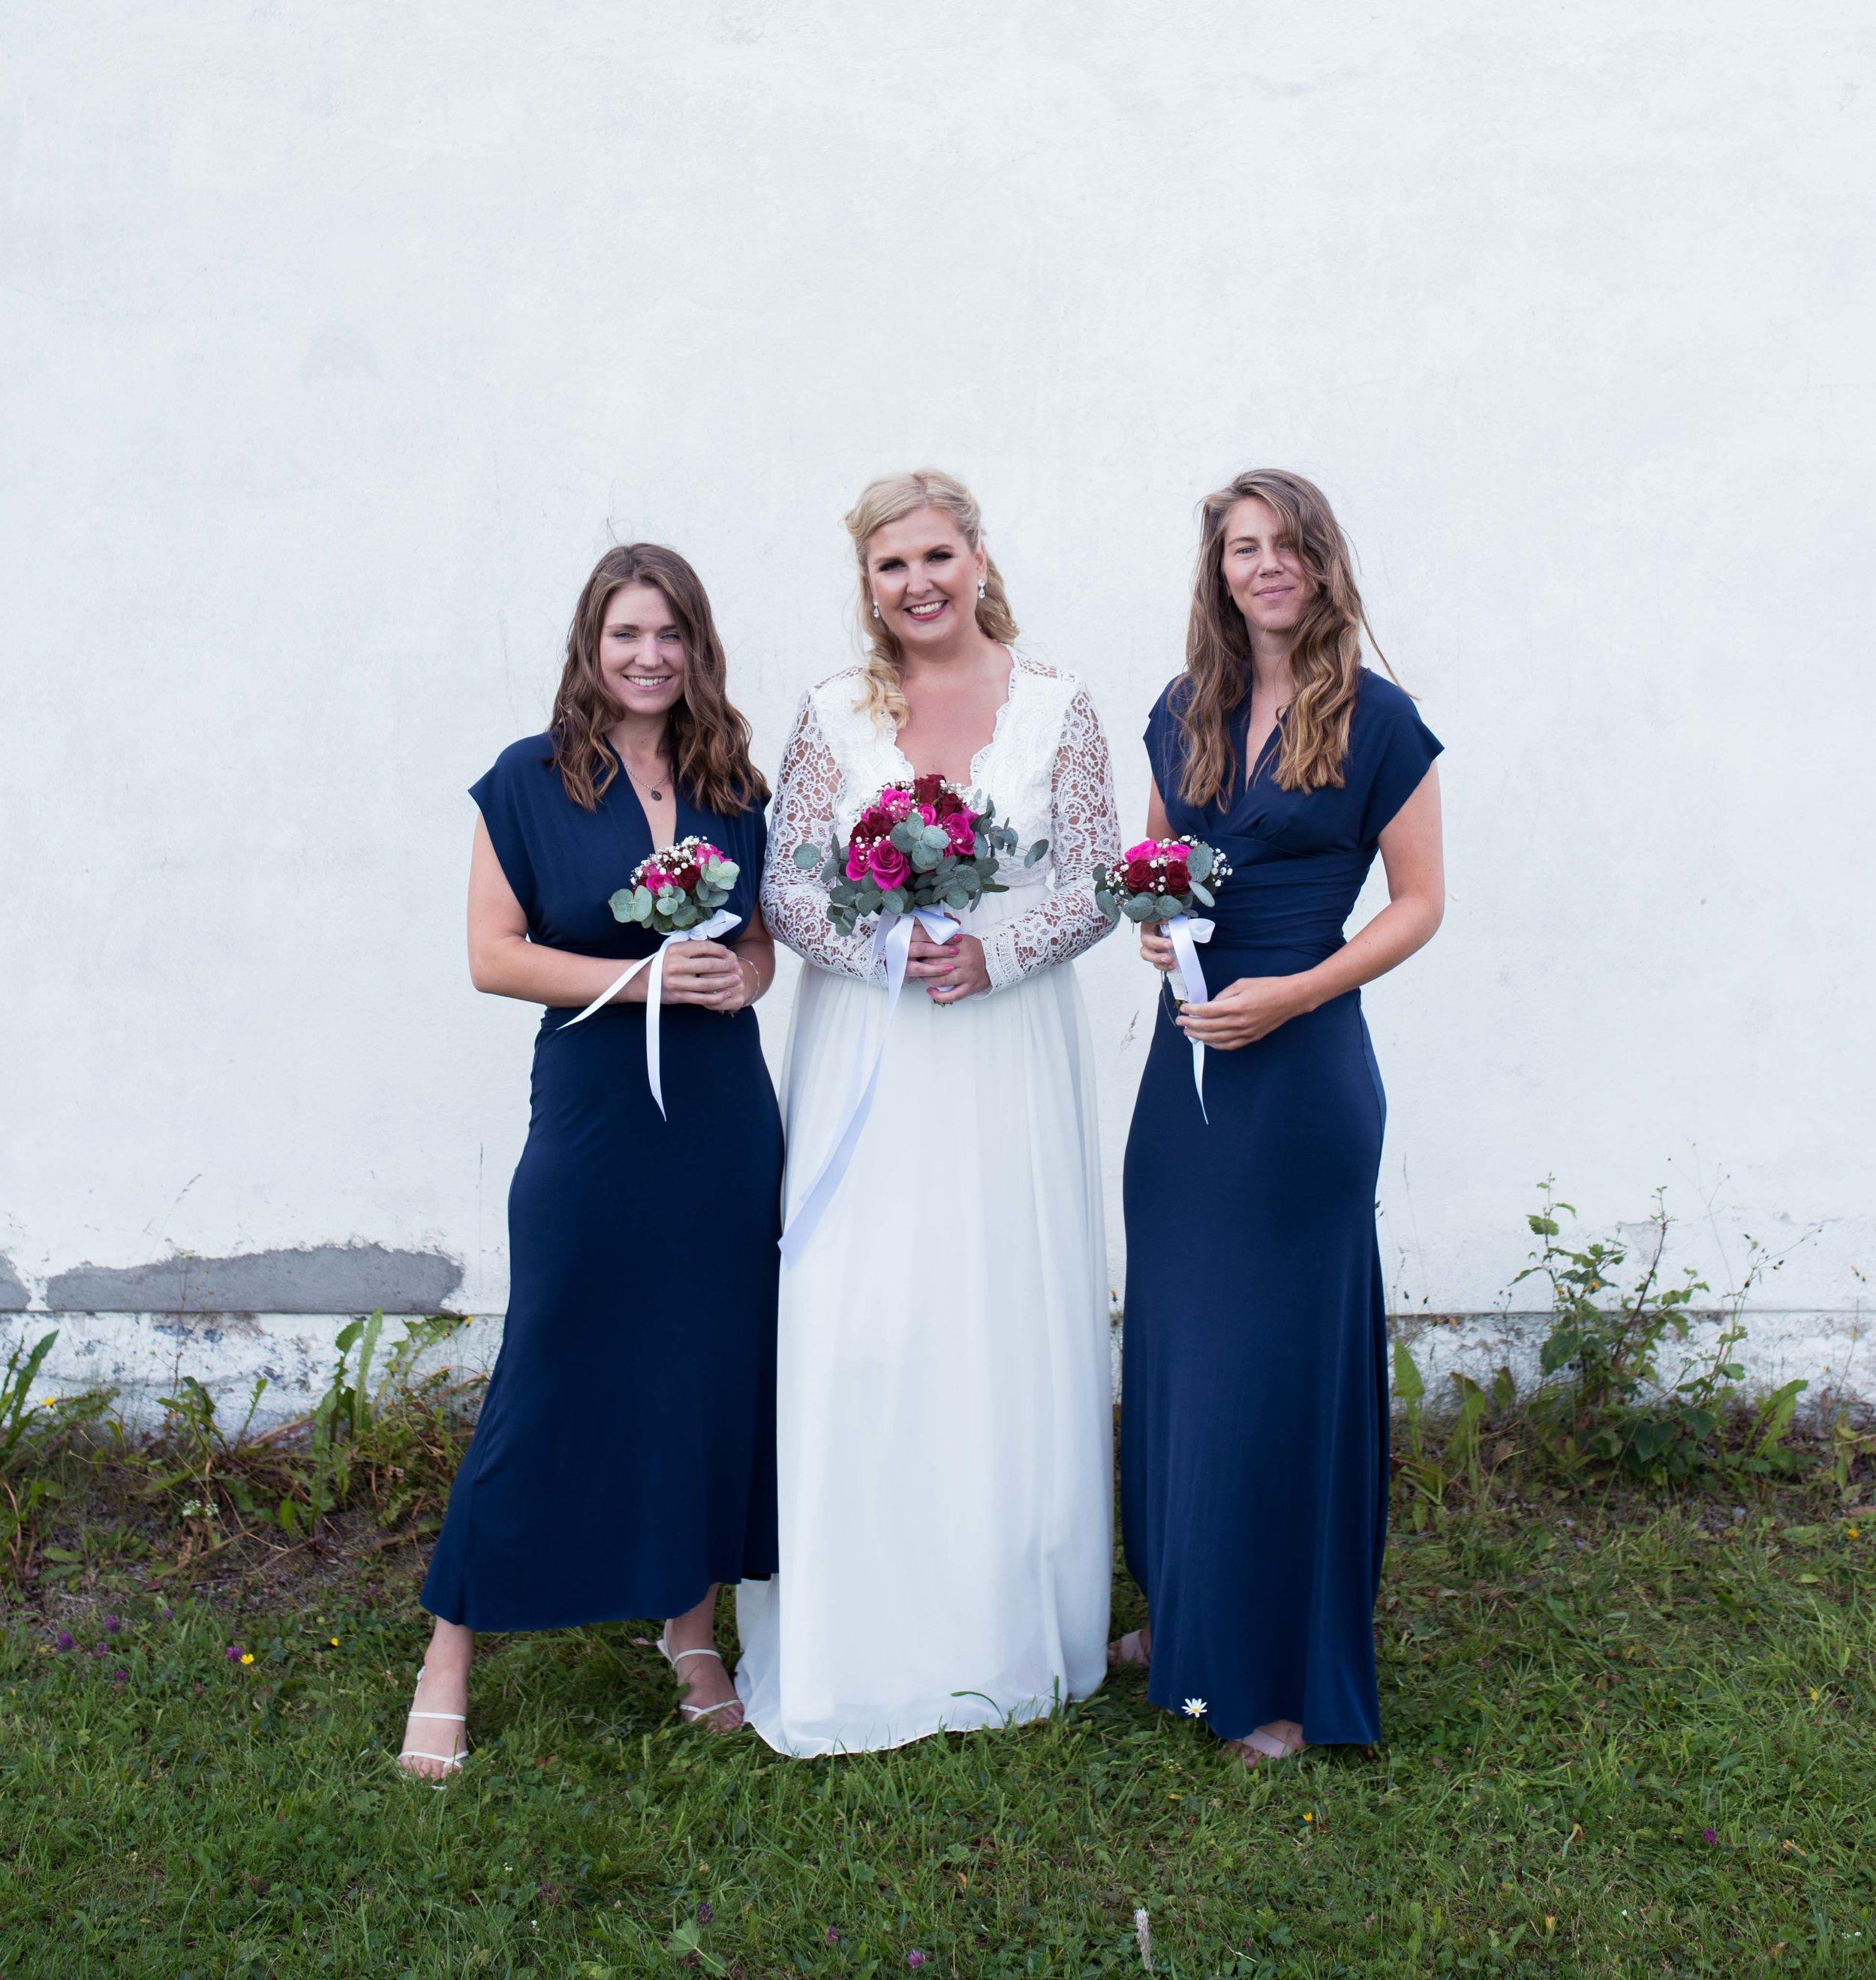 Bröllop2019lågkvall-5181.jpg